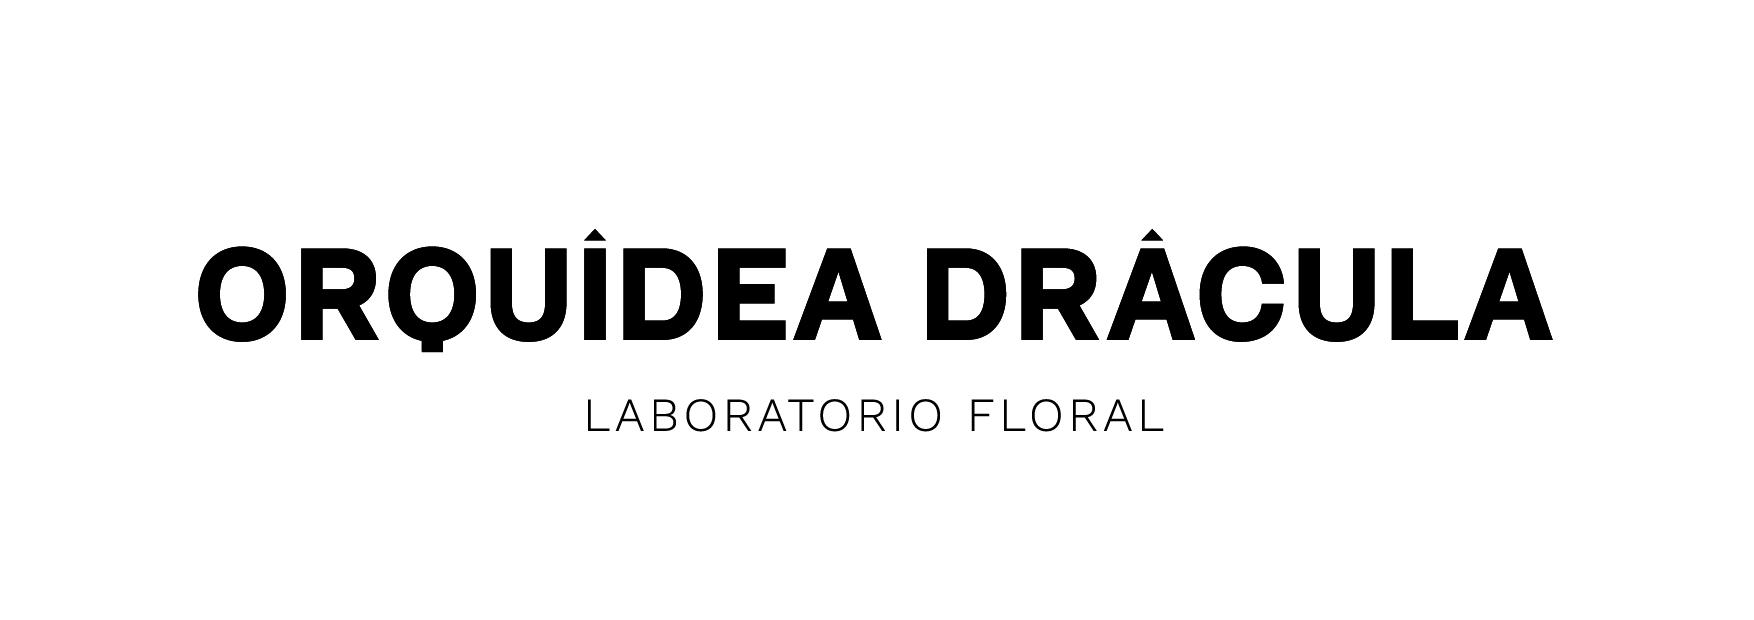 ORQUIDEA-DRACULA_LOGO-01.jpg